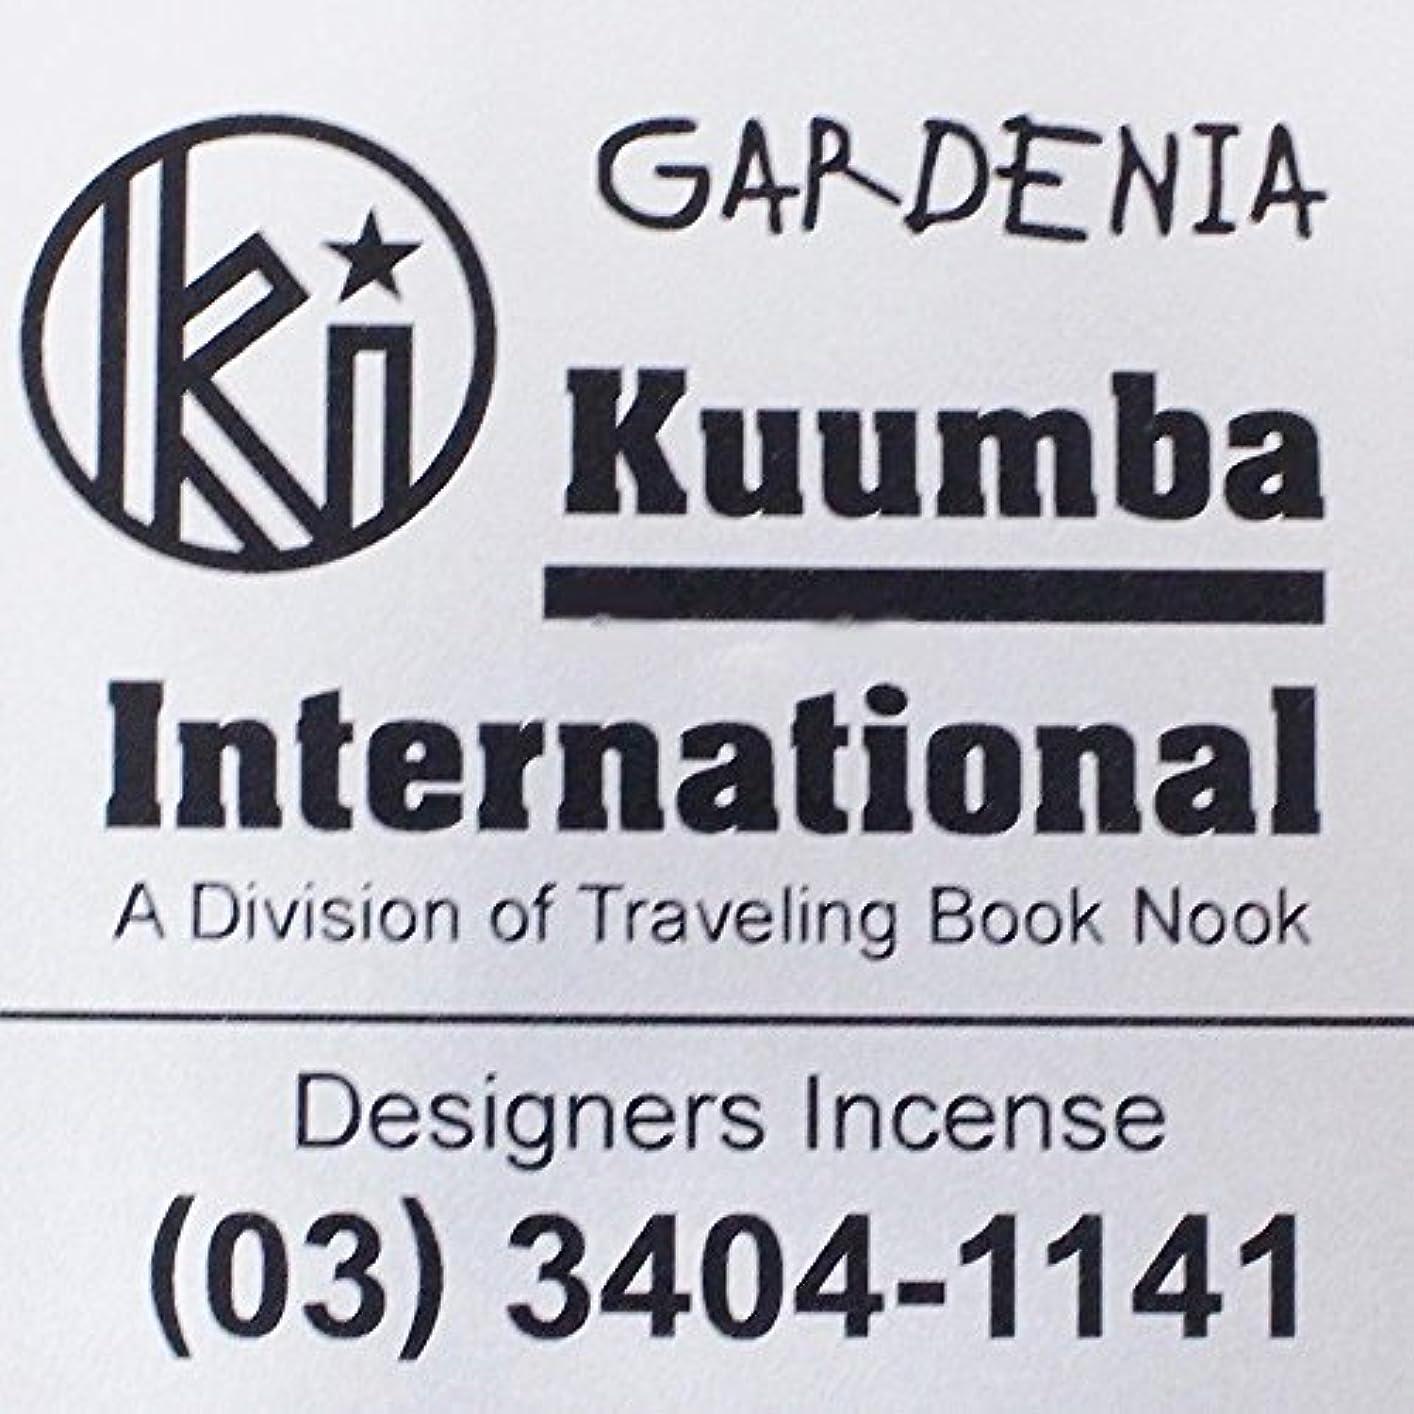 火炎裏切り者終点(クンバ) KUUMBA『incense』(GARDENIA) (Regular size)